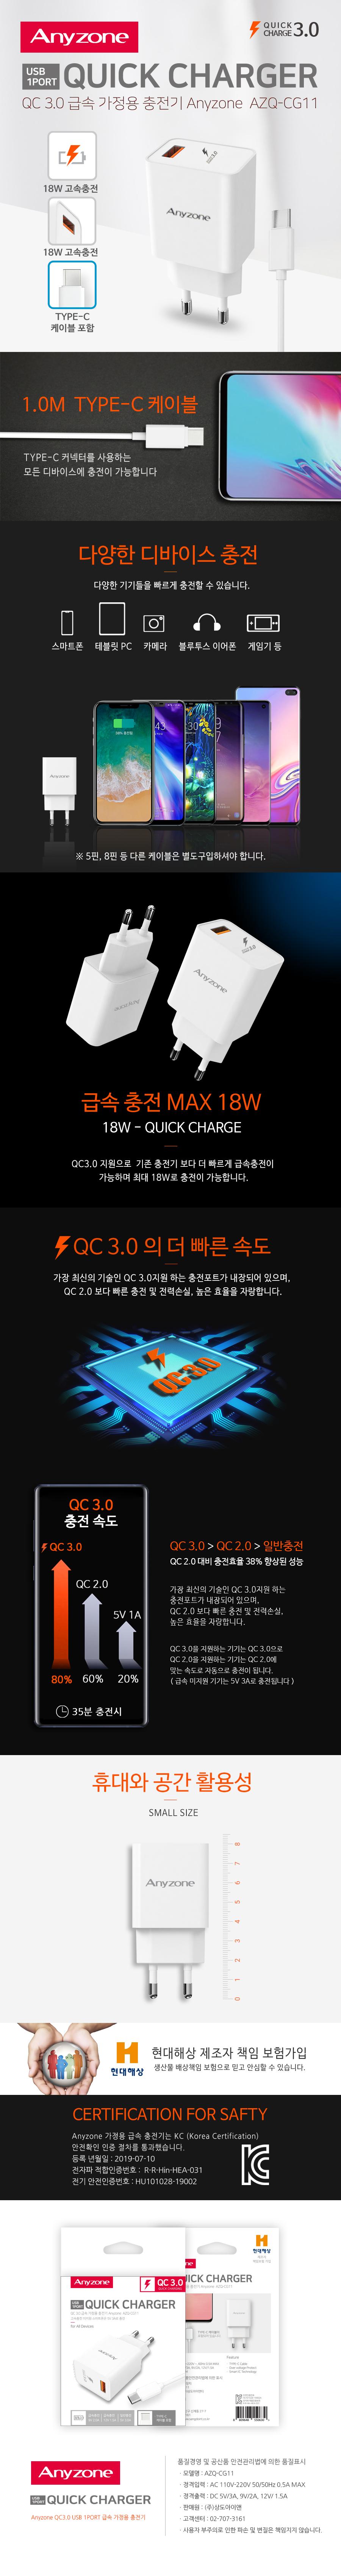 상도아이앤티 ANYZONE 퀵차지3.0 3A 1포트 충전기 AZQ-CG11